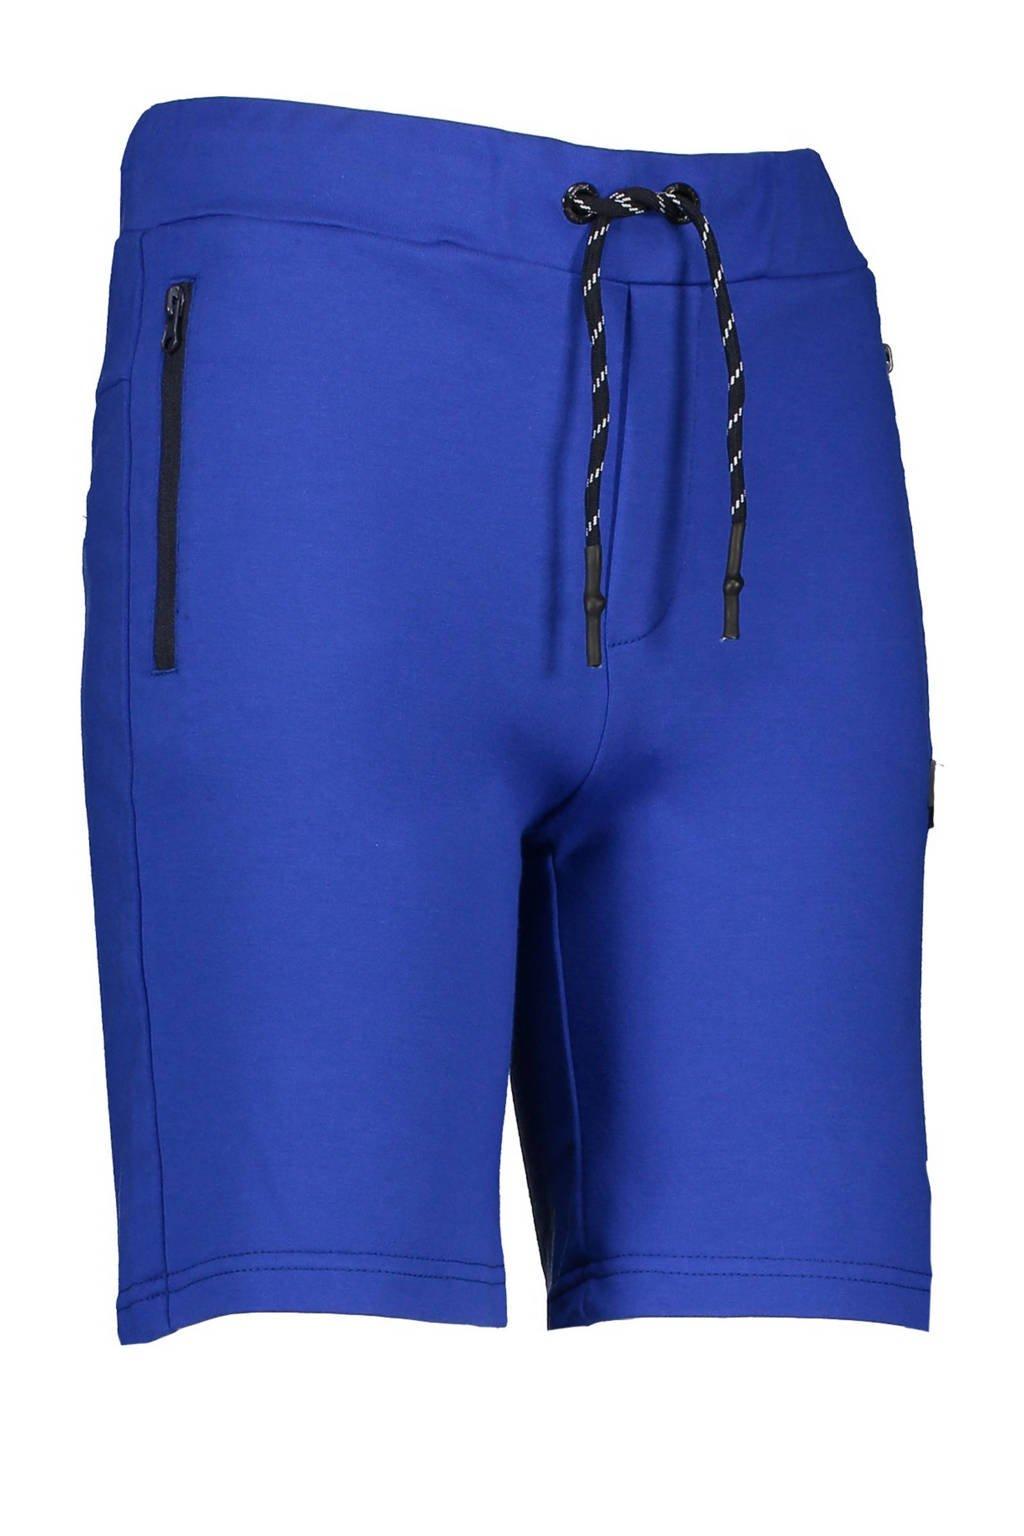 Bellaire slim fit sweatshort Shine blauw, Blauw